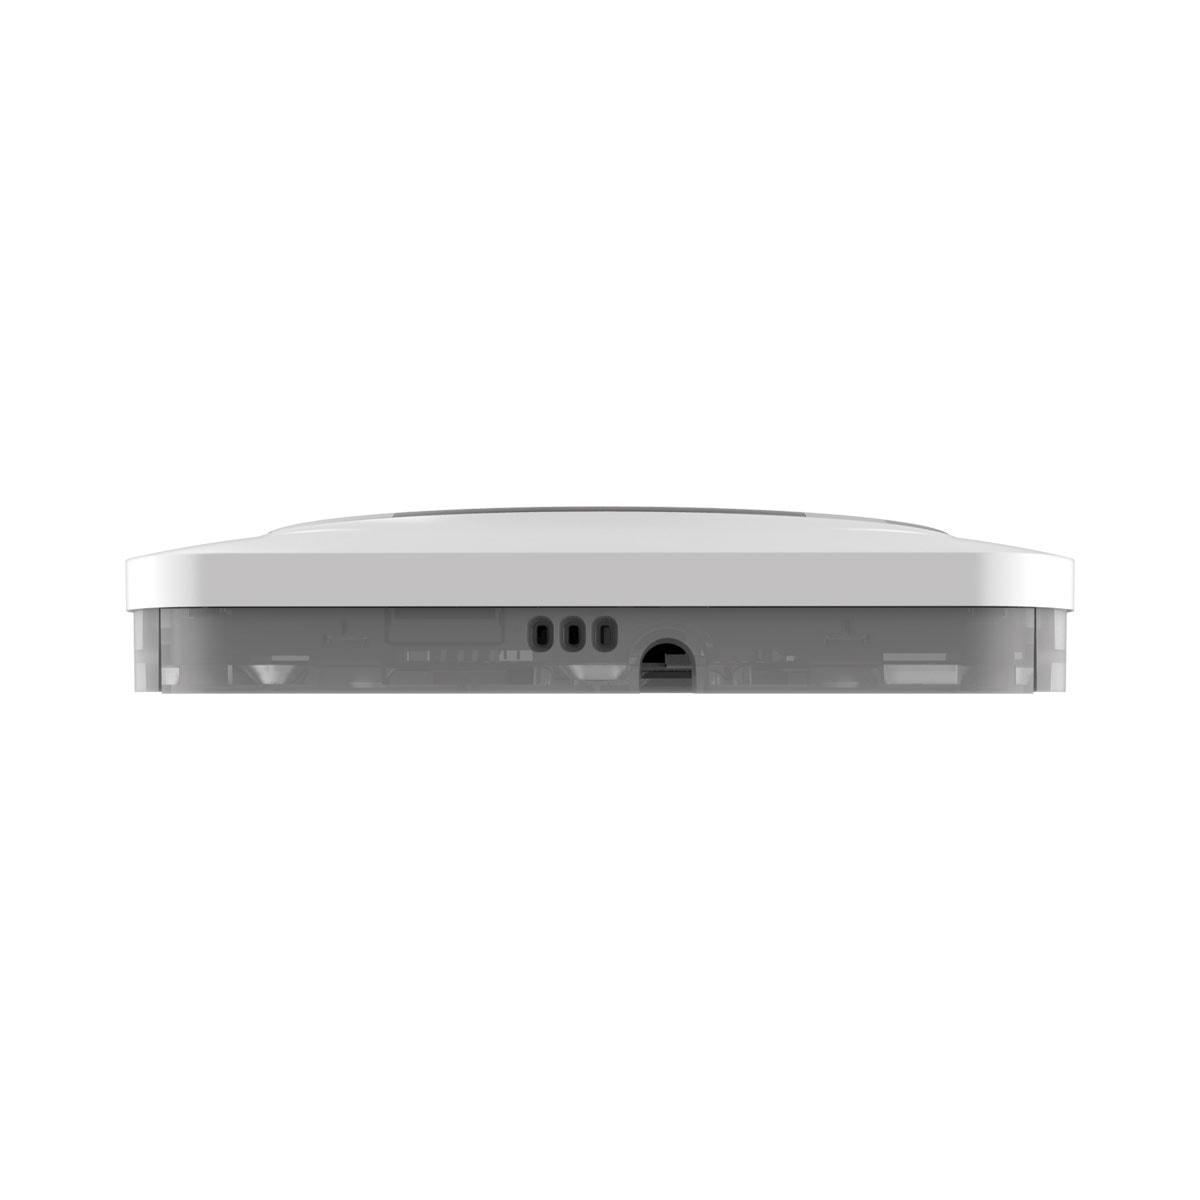 DCH-Z510 (DCH-Z510) - Achat / Vente Objet connecté / Domotique sur Picata.fr - 2